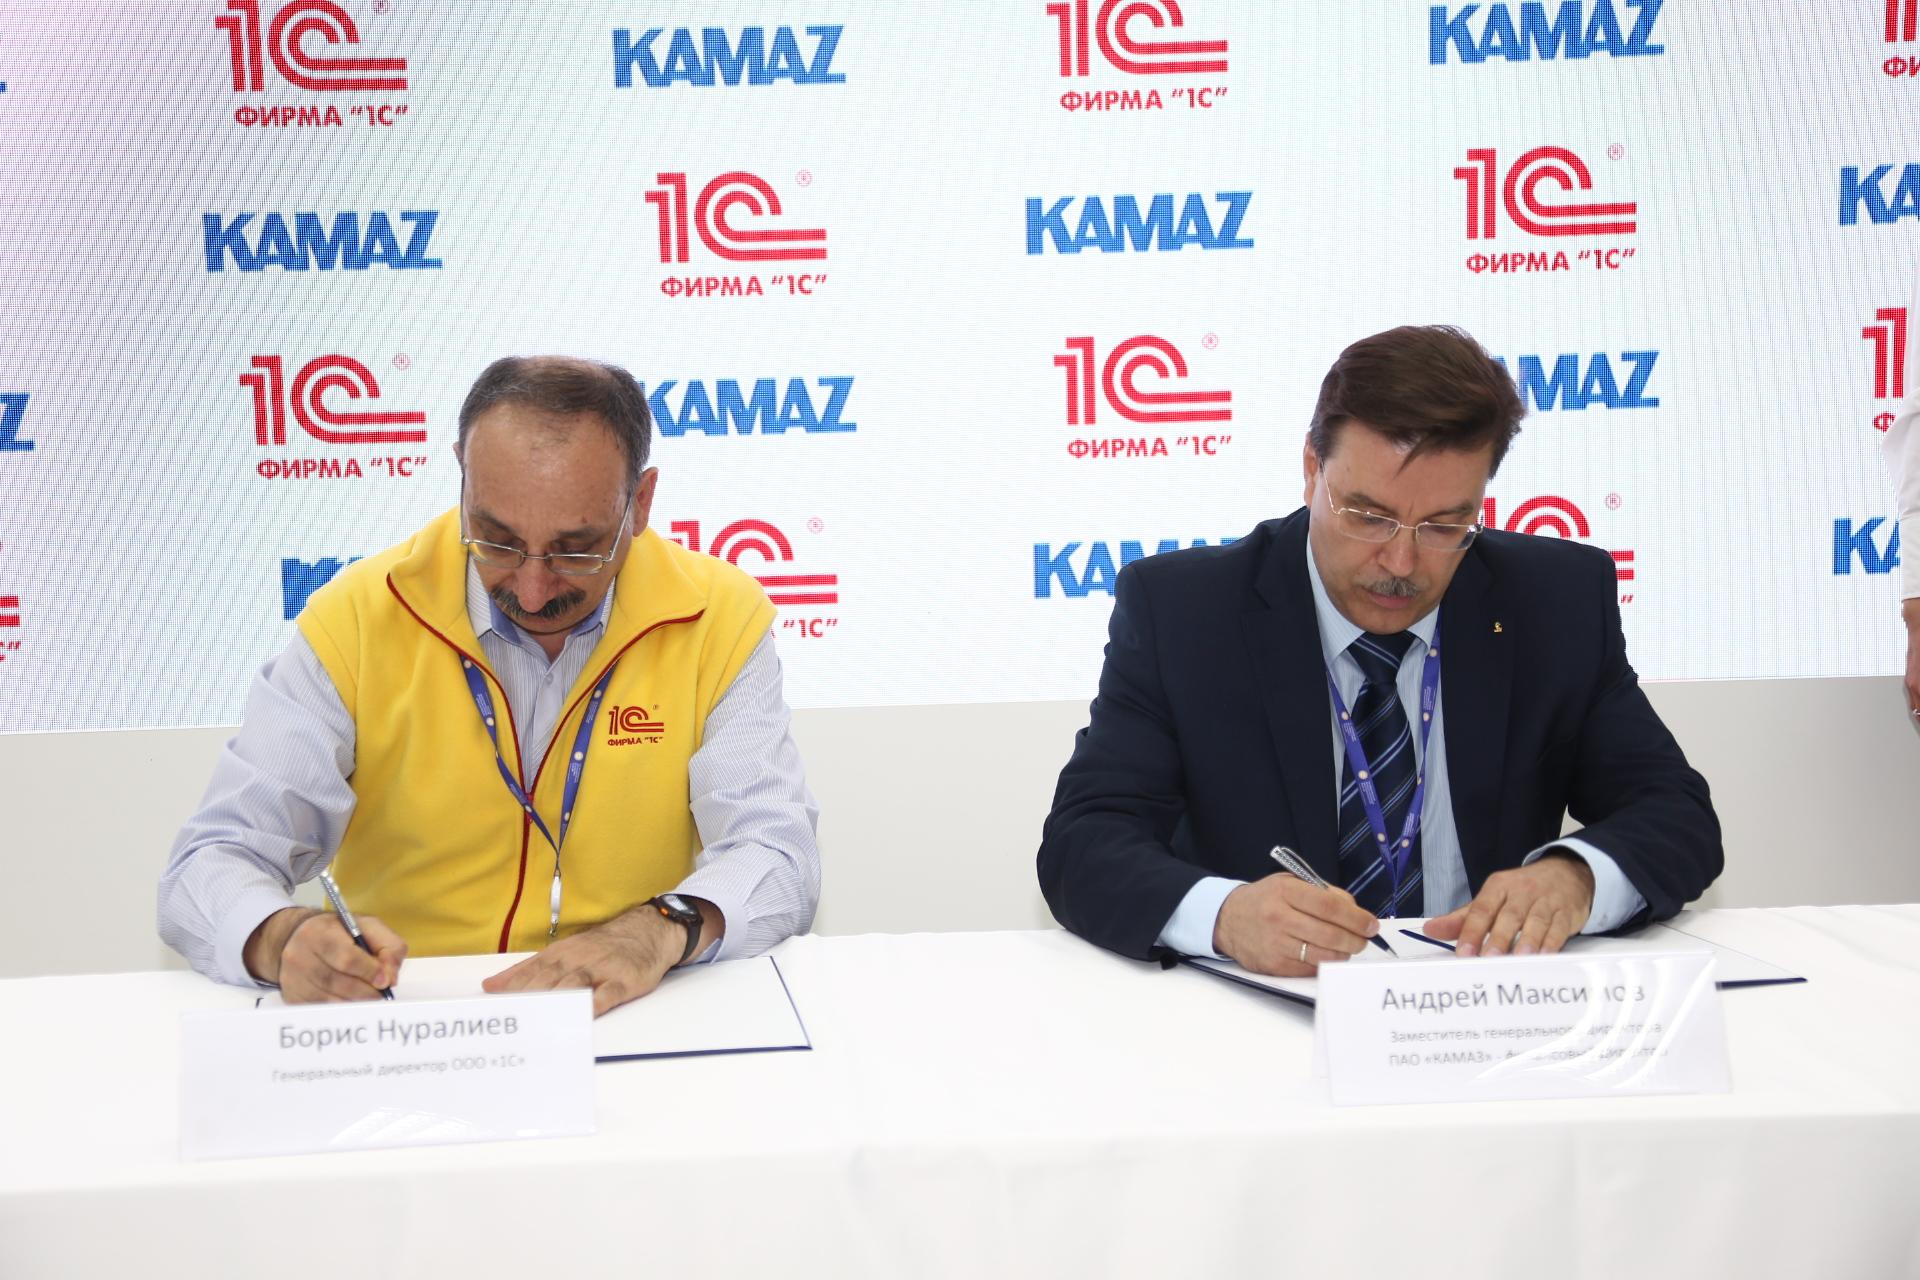 Компания «КАМАЗ» и фирма «1С» заключили меморандум о сотрудничестве для внедрения комплекса решений «1С:Корпорация»